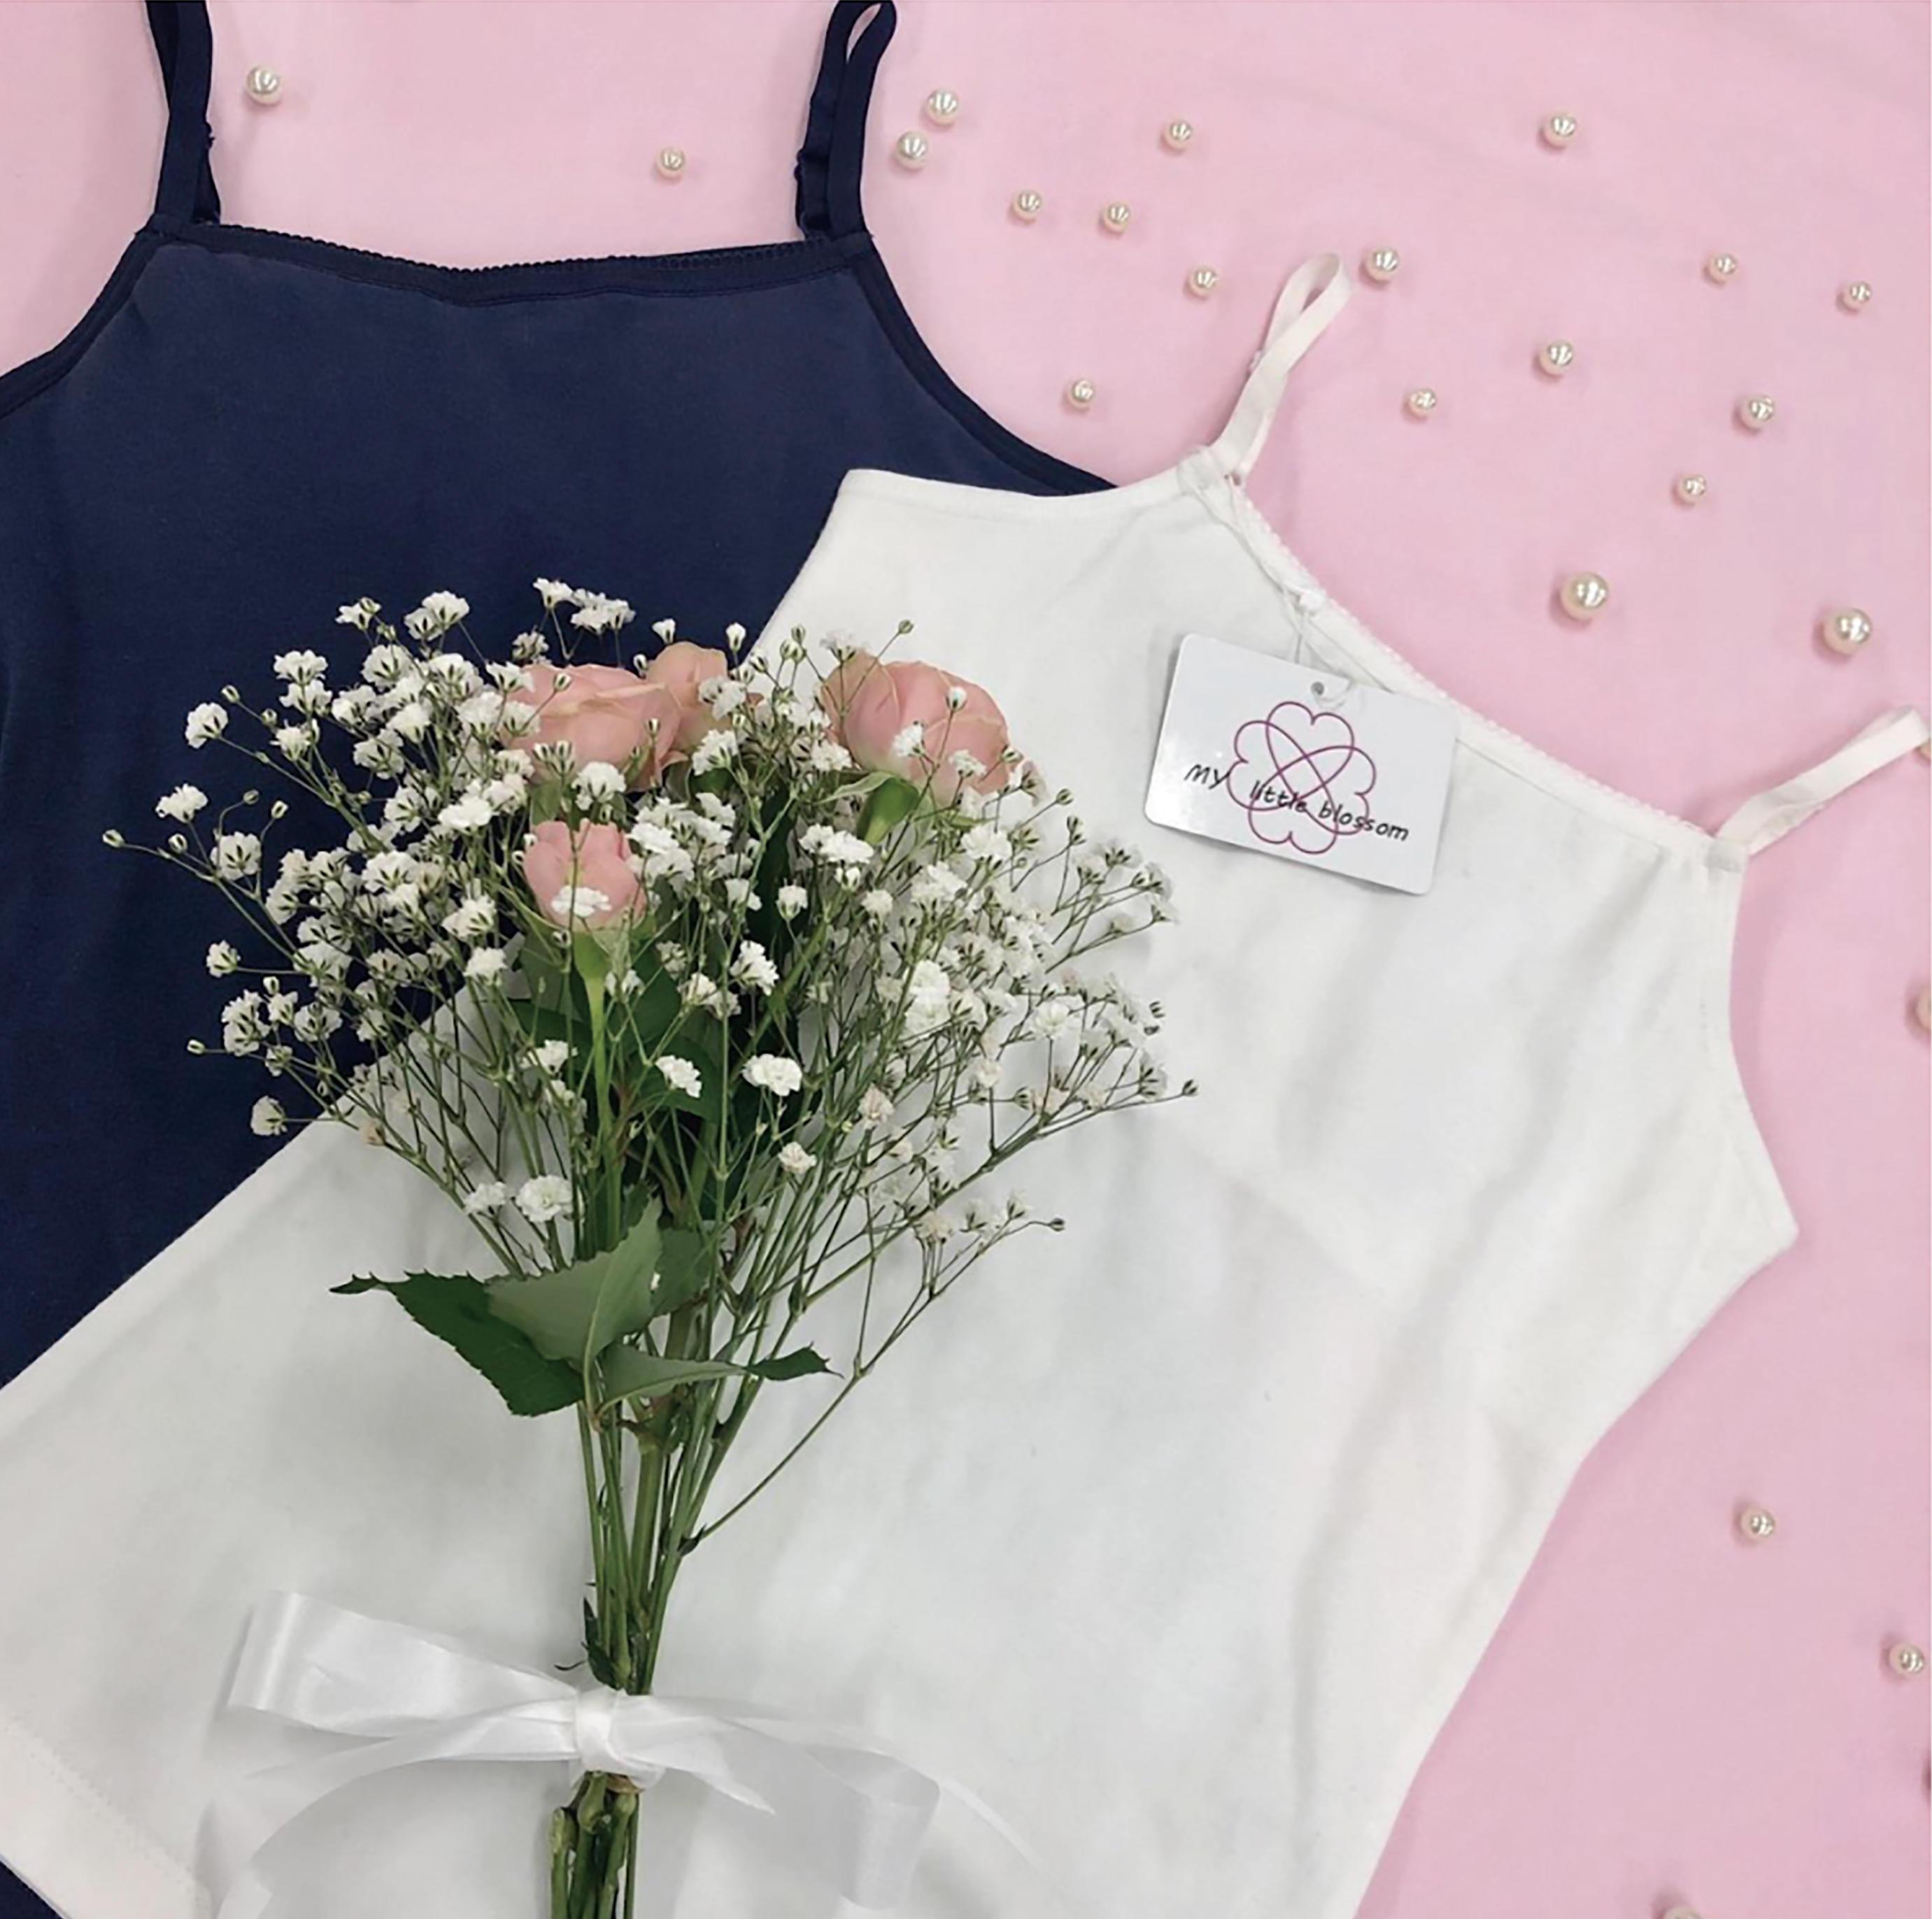 ふんわり包み、やさしく守る 女子大生が生み出した究極の「ファーストブラ」を発売 -- 昭和女子大学